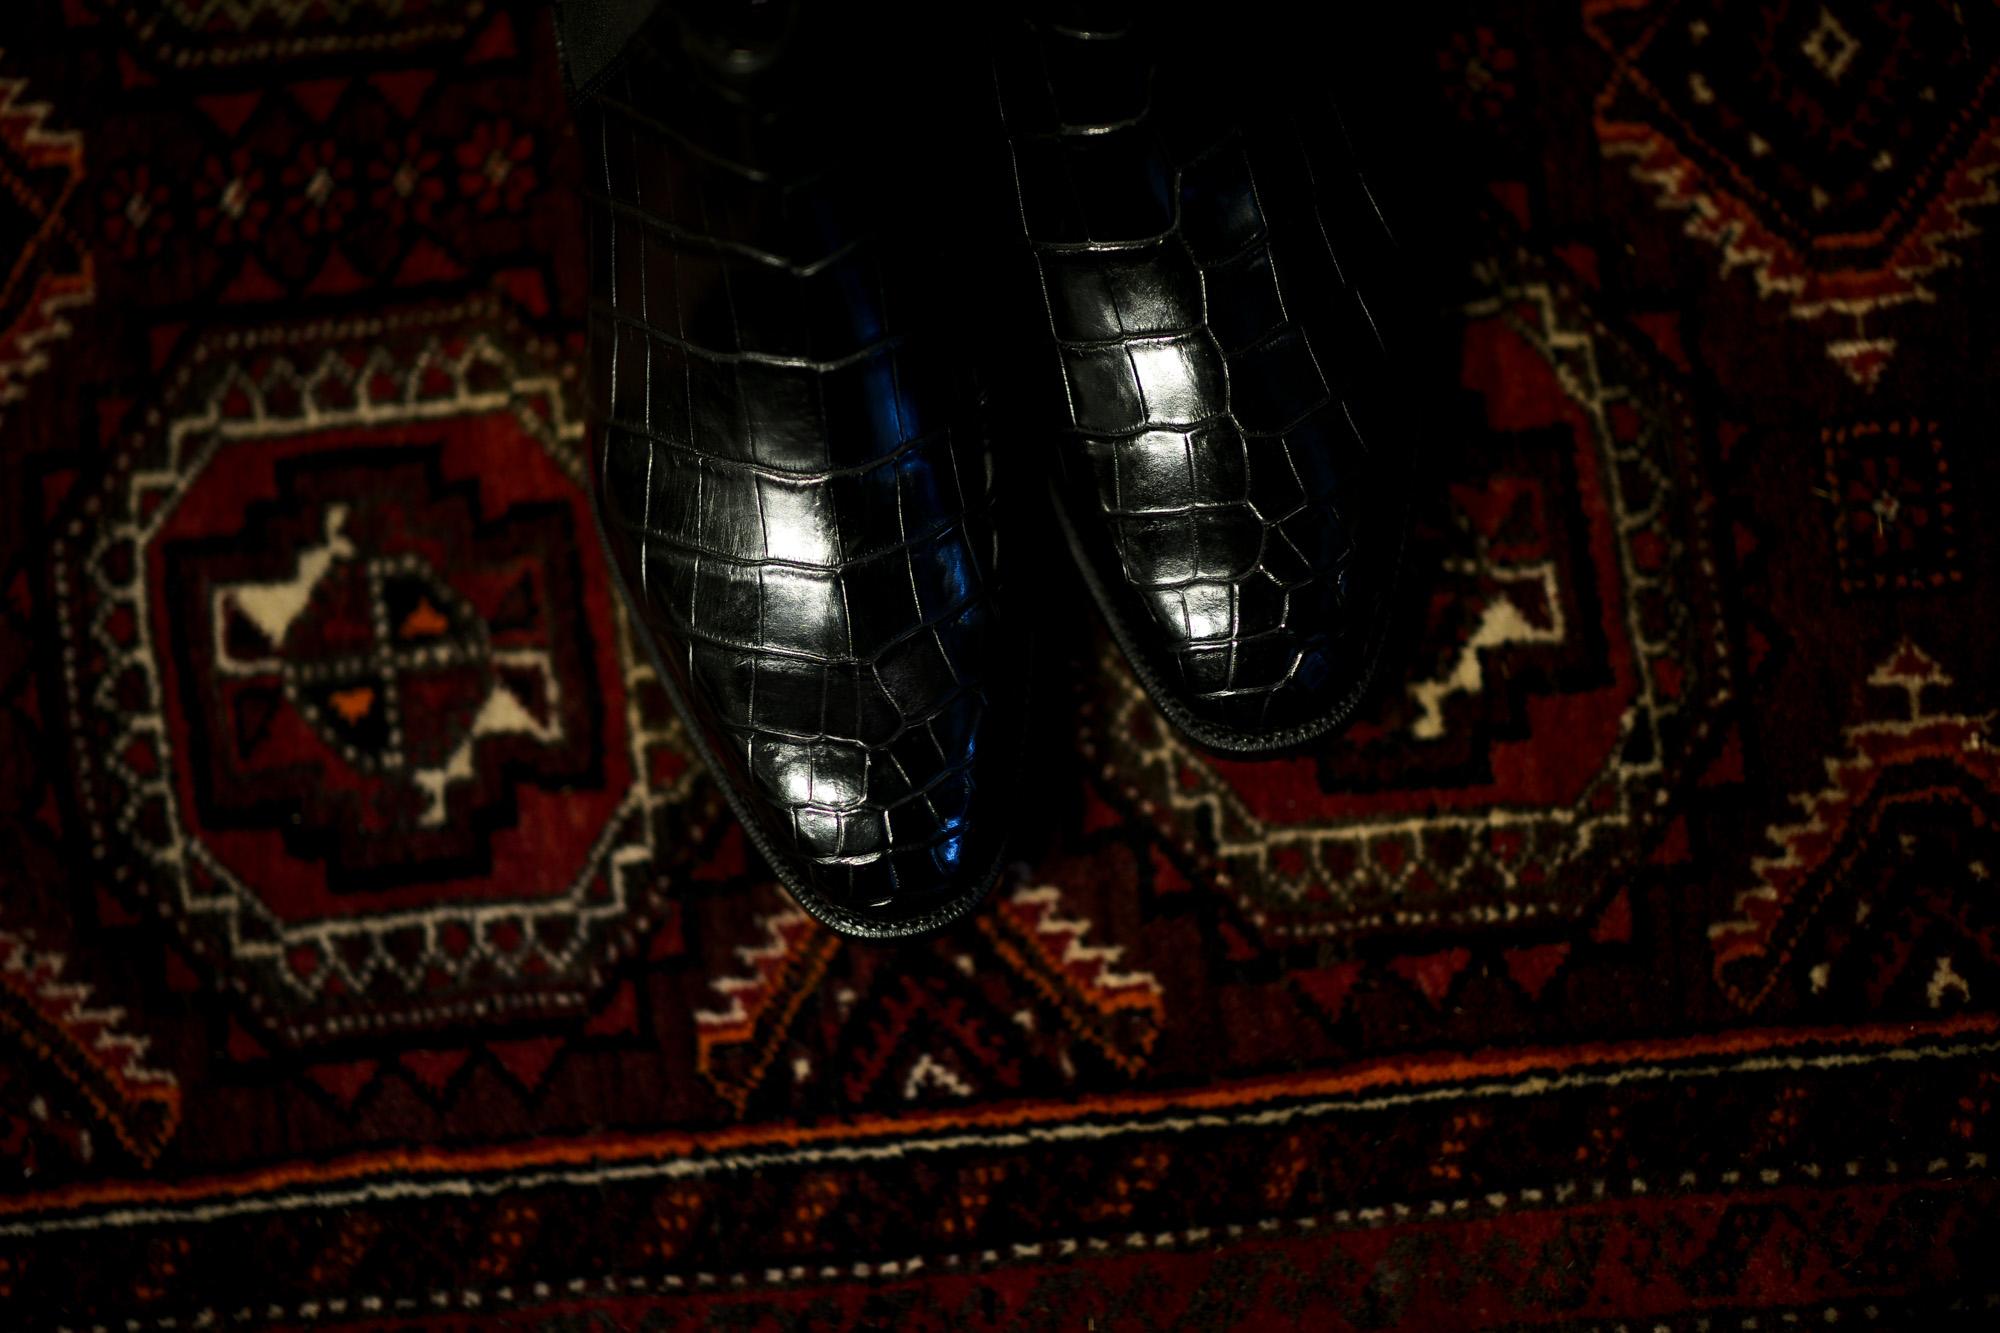 Georges de Patricia(ジョルジュ ド パトリシア) Diablo Crocodile (ディアブロ クロコダイル) 925 STERLING SILVER (925 スターリングシルバー) Crocodile クロコダイル エキゾチックレザー サイドゴアブーツ NOIR (ブラック) 2019 春夏 【Special Boots】 アルトエデリット ジョルジュドパトリシア ブーツ 超絶ブーツ ランボルギーニ ディアブロ lamborghini